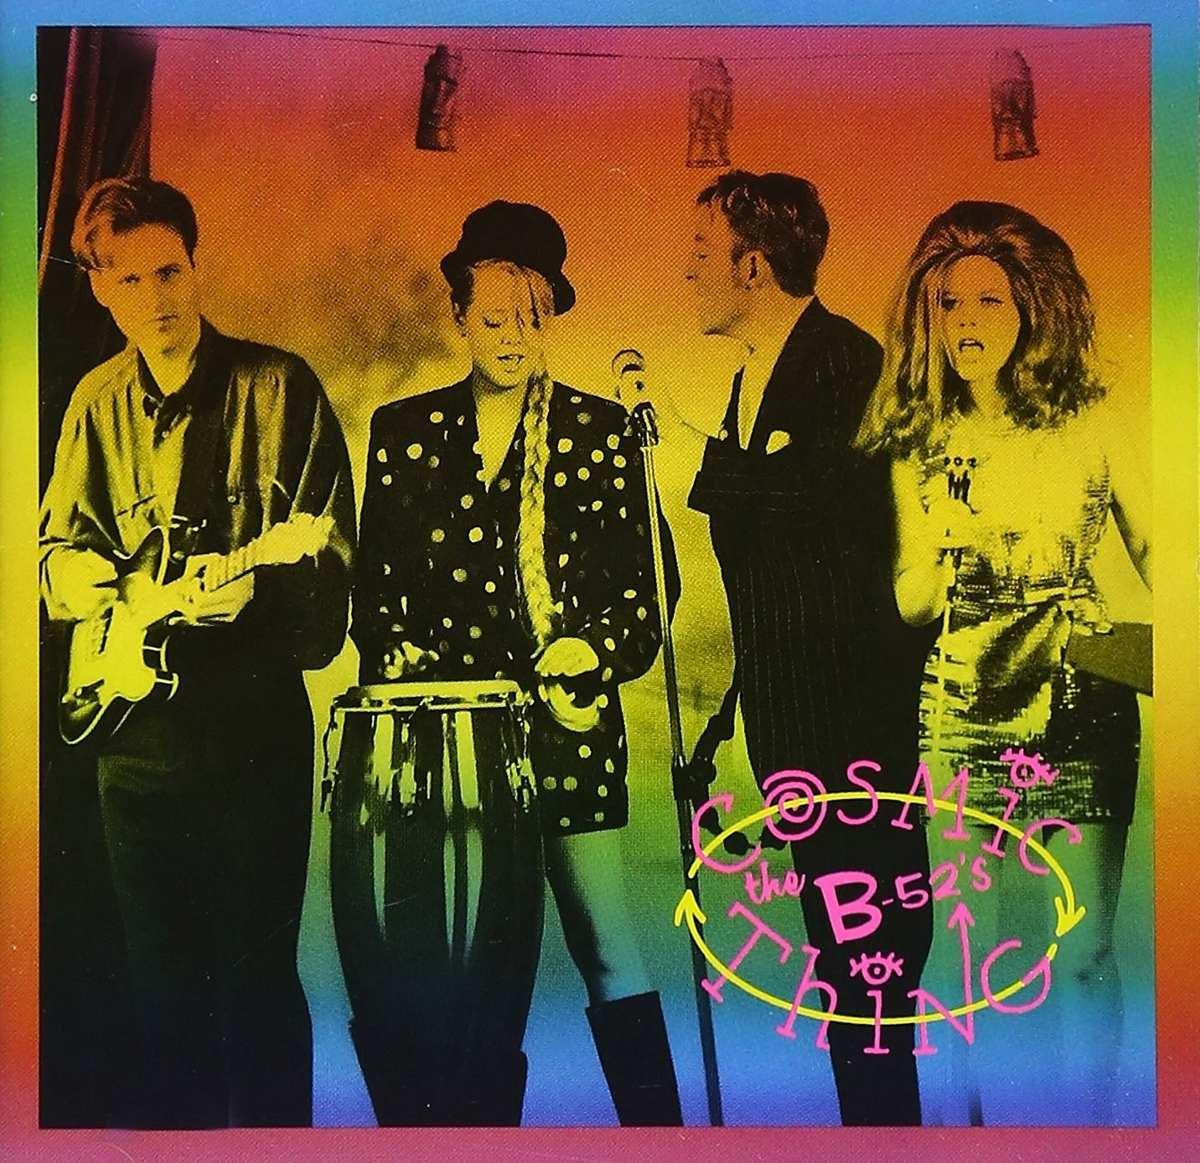 """Resultado de imagem para Edição de 30 anos do álbum """"Cosmic Thing"""", do The B-52's"""